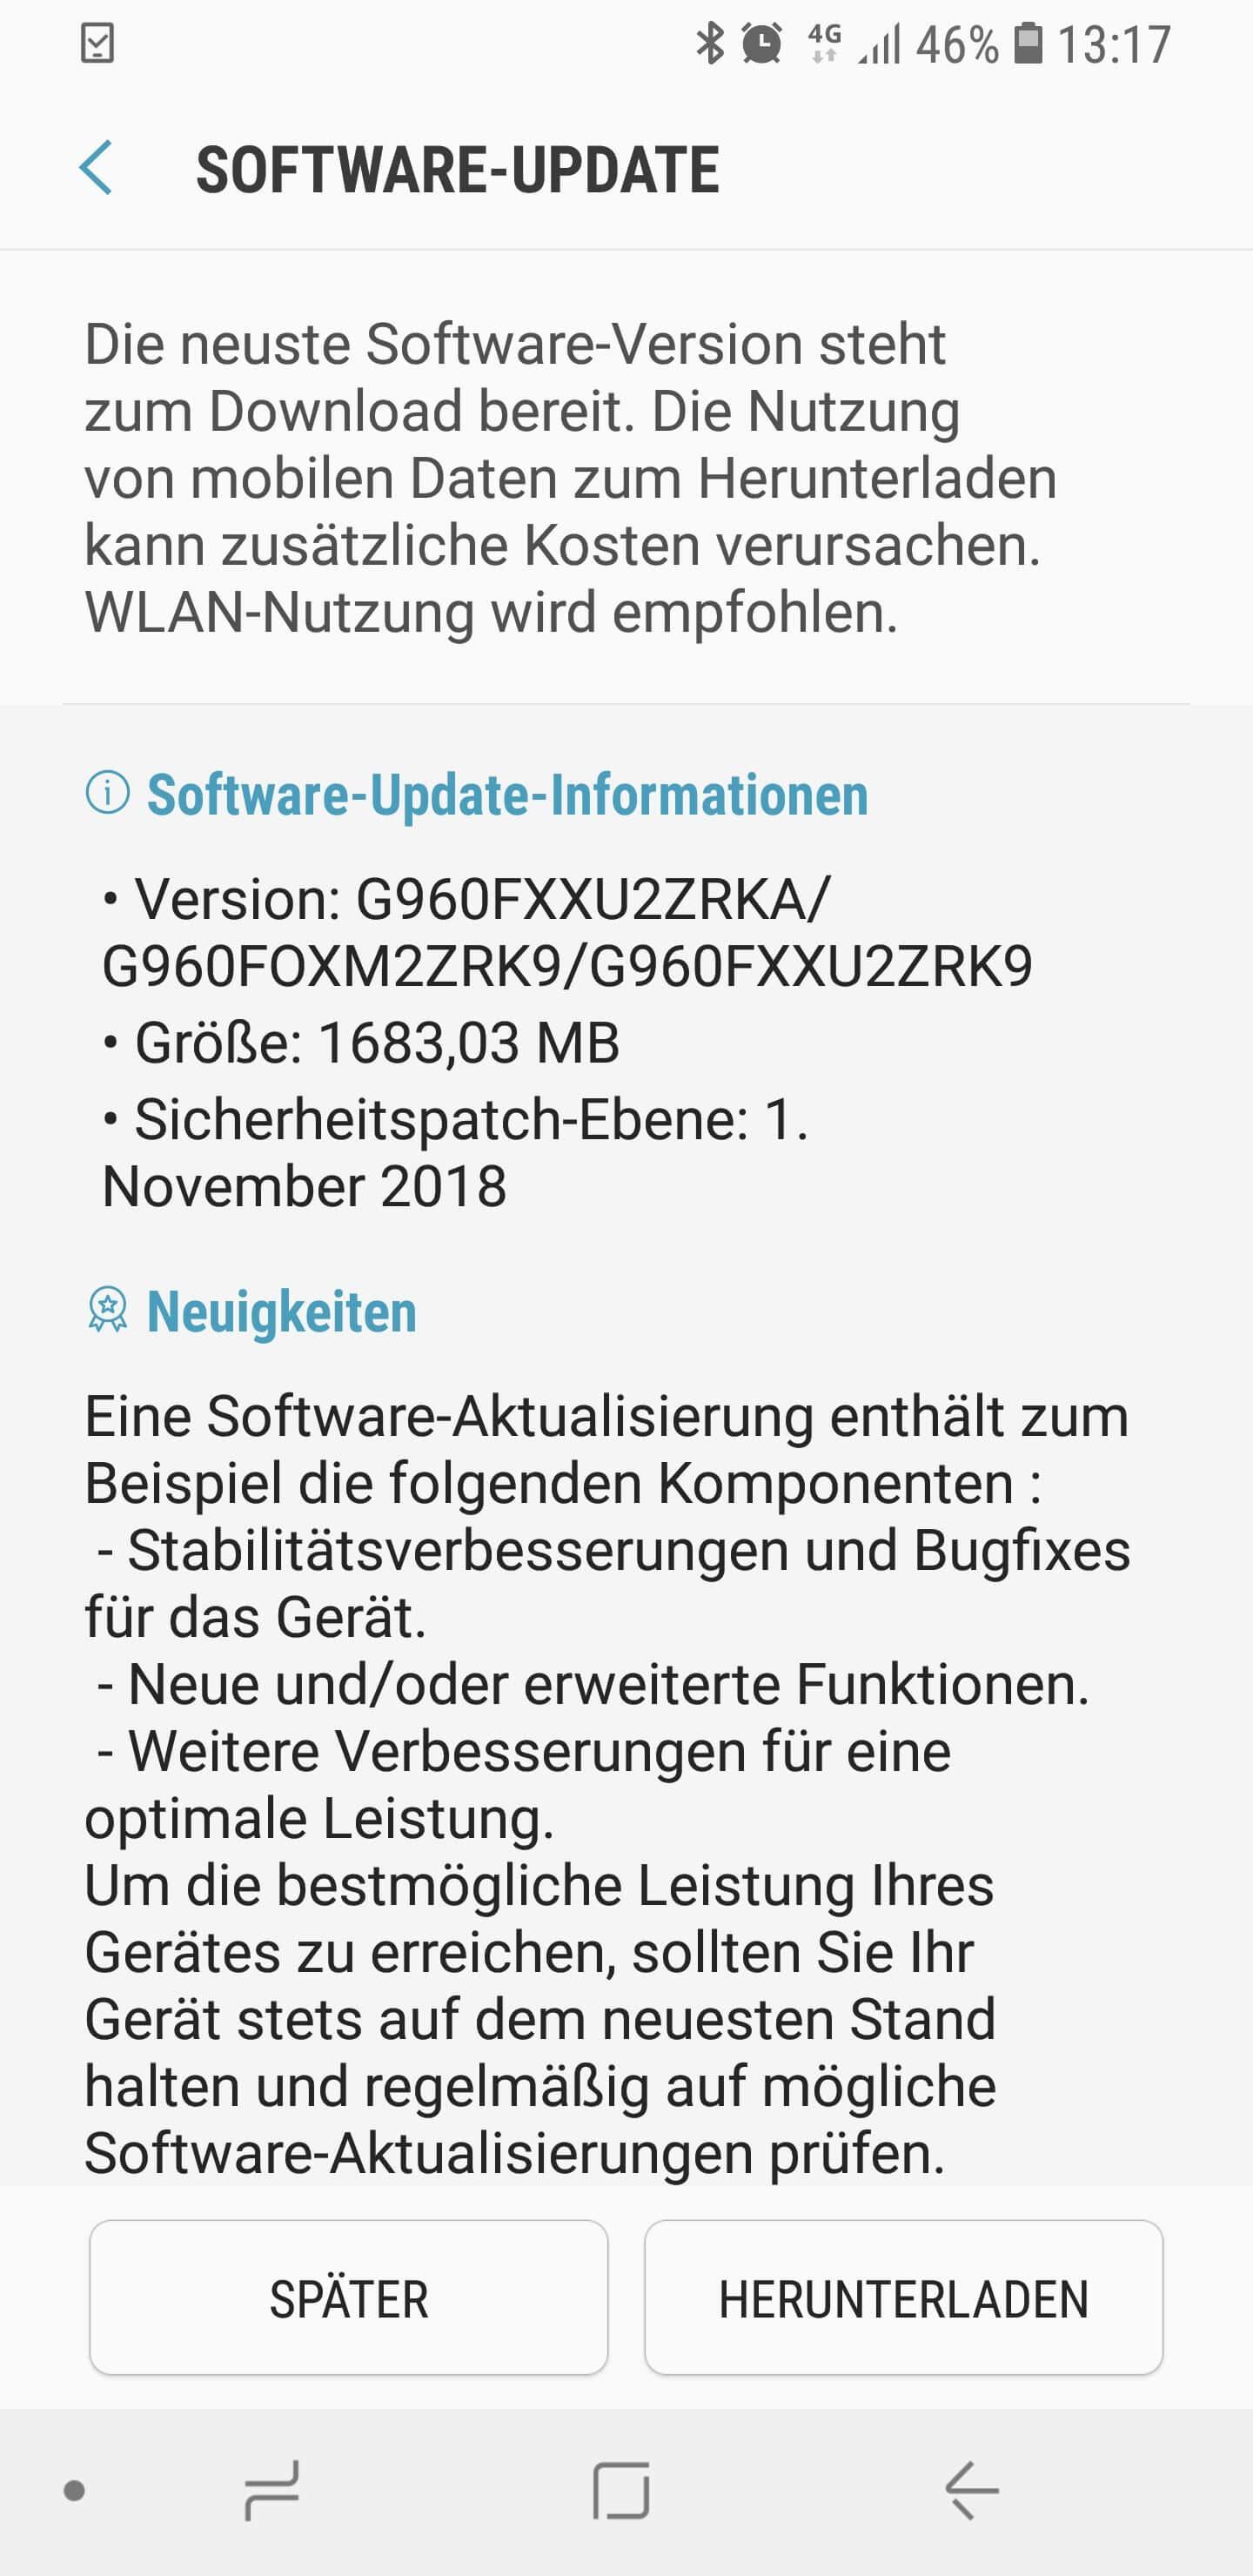 Galaxy S9 Android 9 One UI Beta gestartet: so schön sah eine Samsung UI noch nie aus 5